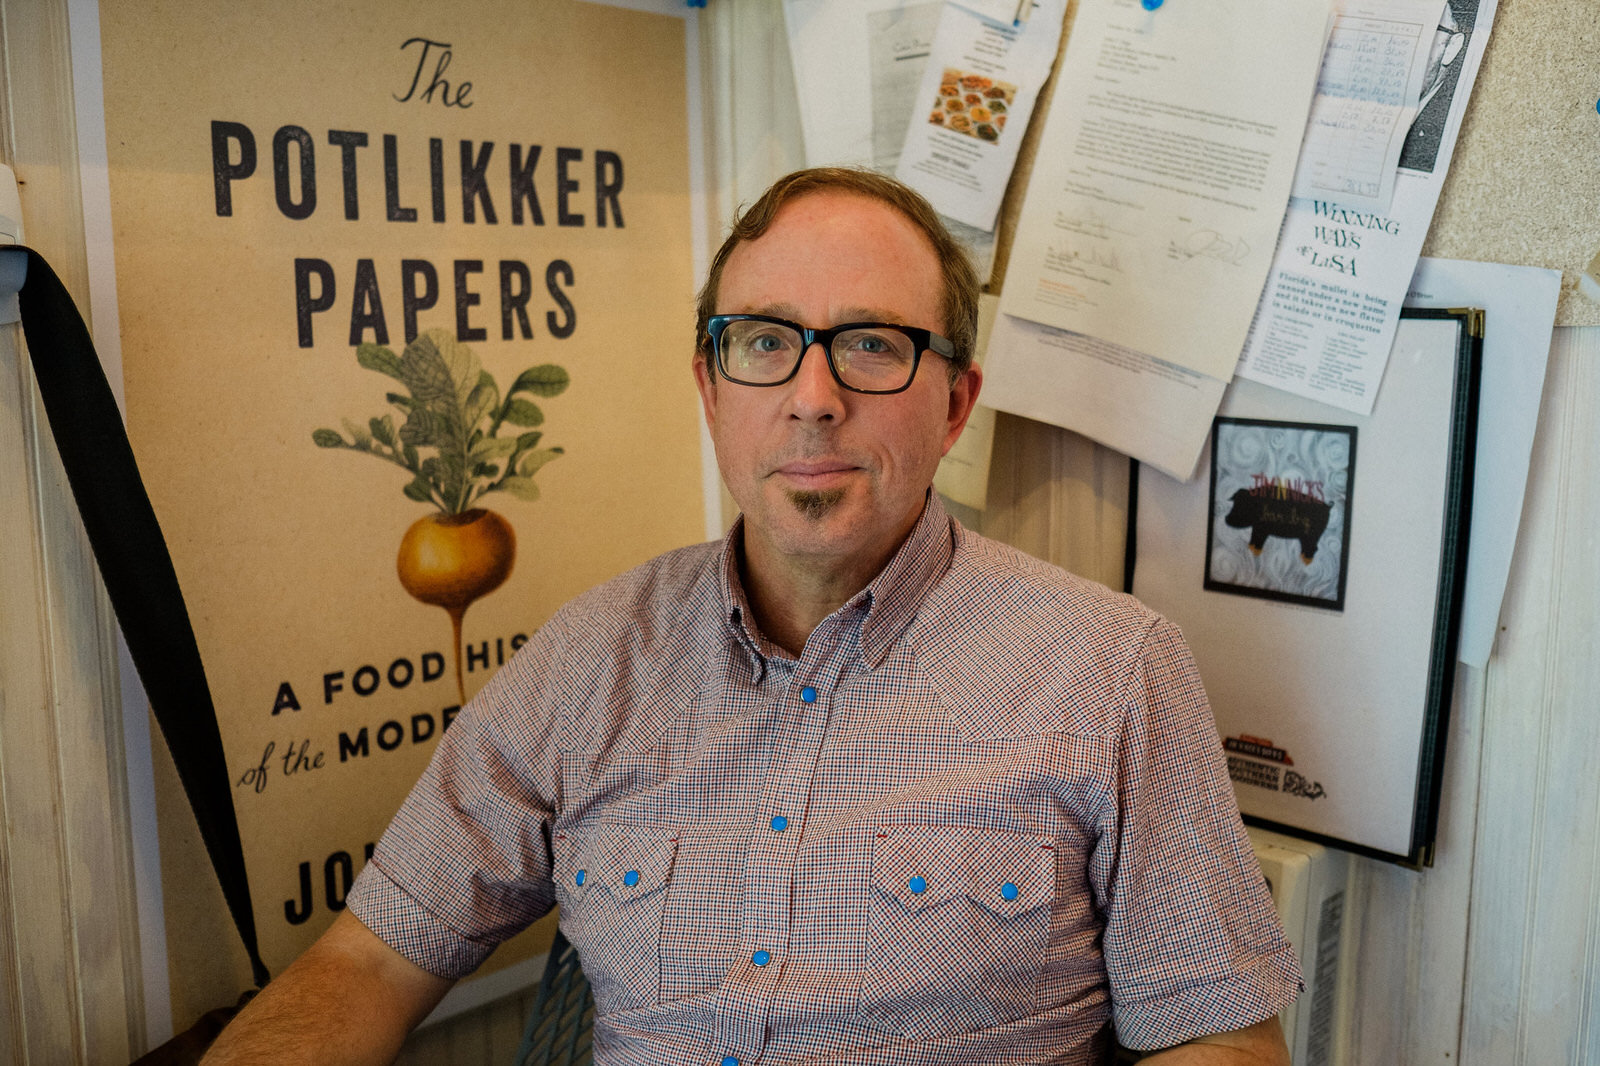 John-T-Edge-portrait-potlikker-papers-04.JPG